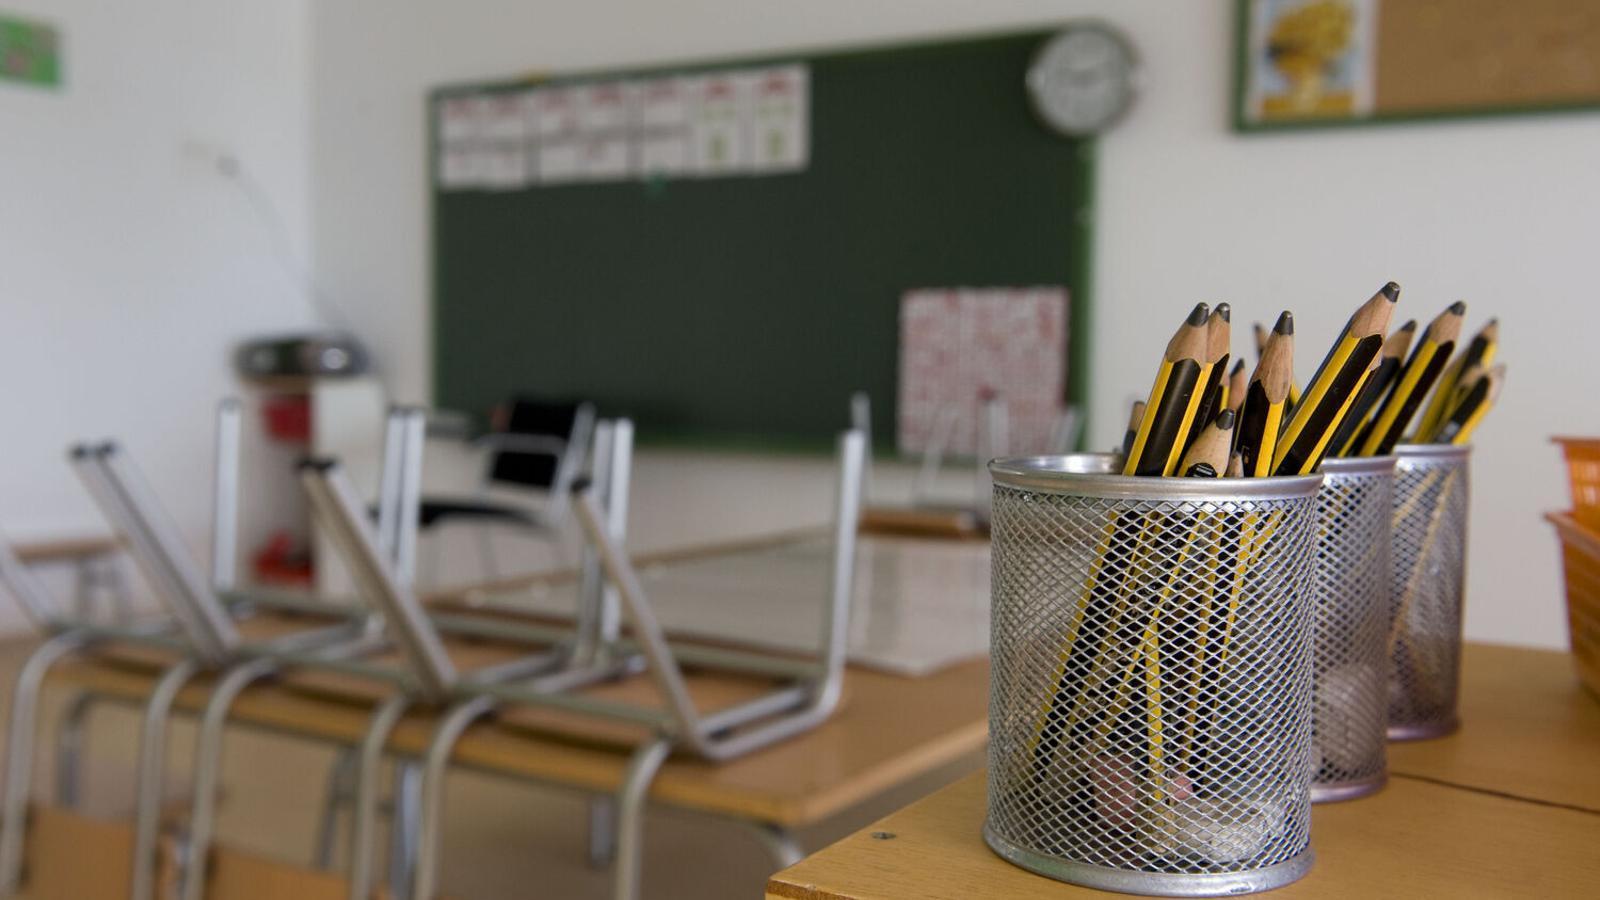 Dos grups extremistes intenten enganyar 290 centres educatius perquè augmentin les hores de castellà